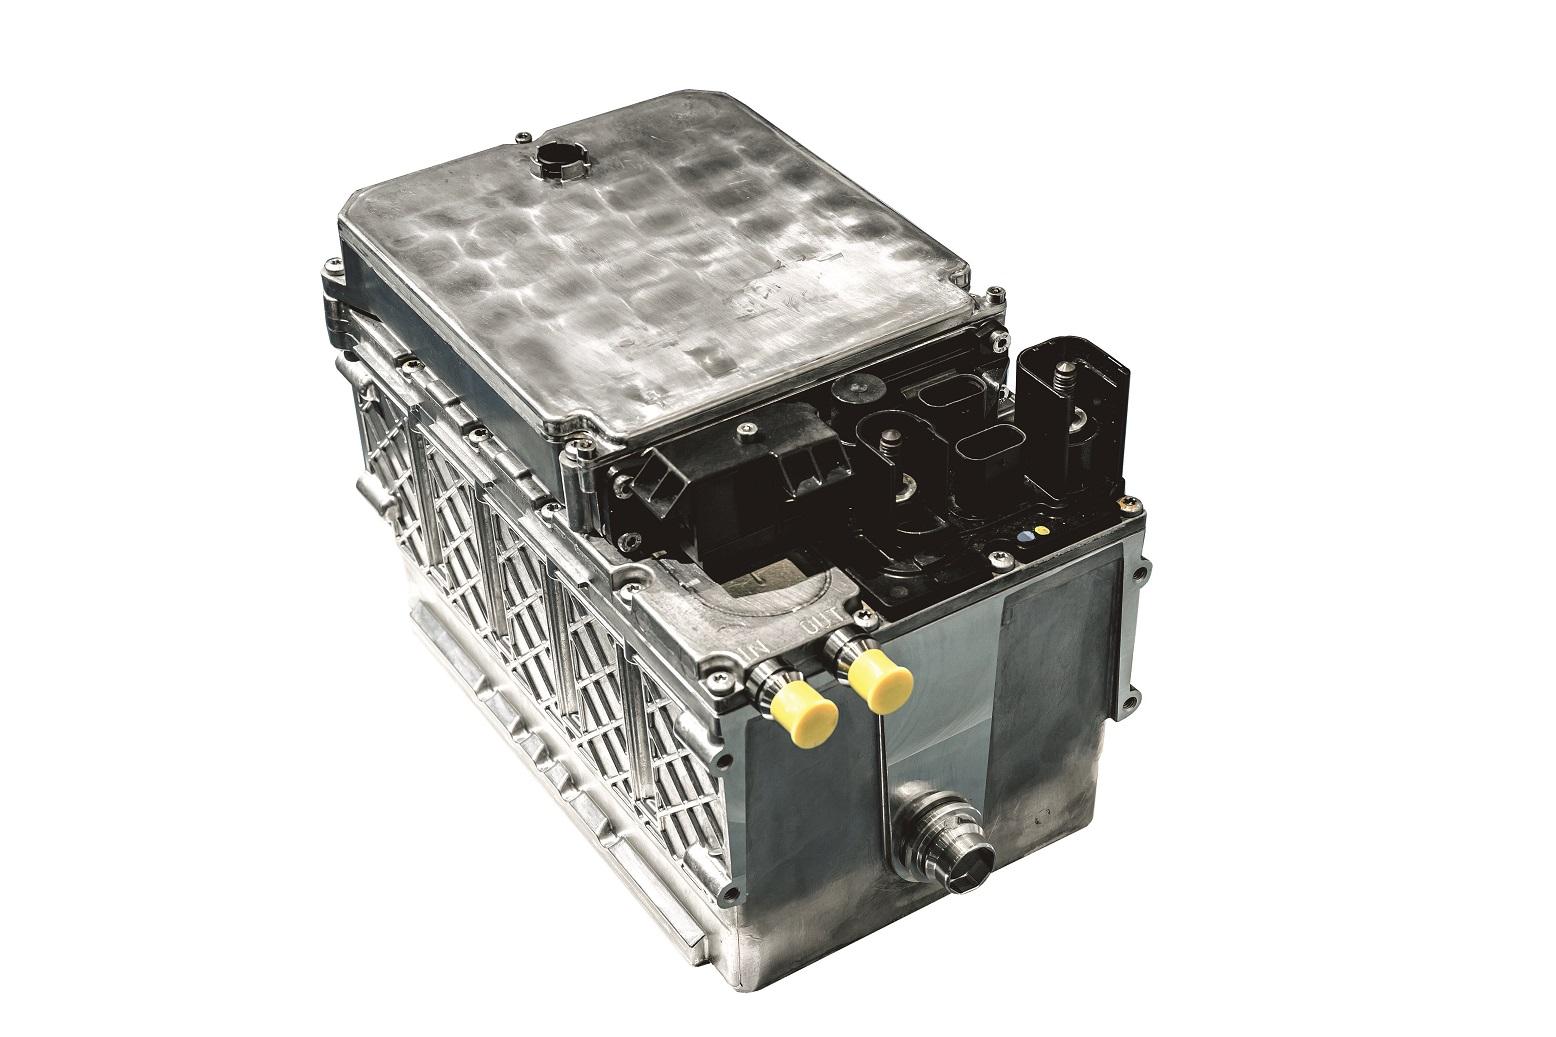 「【新車】ISG、新型直列6気筒エンジン、電動スーパーチャージャーを搭載したメルセデス・ベンツ S 450が発表」の9枚目の画像